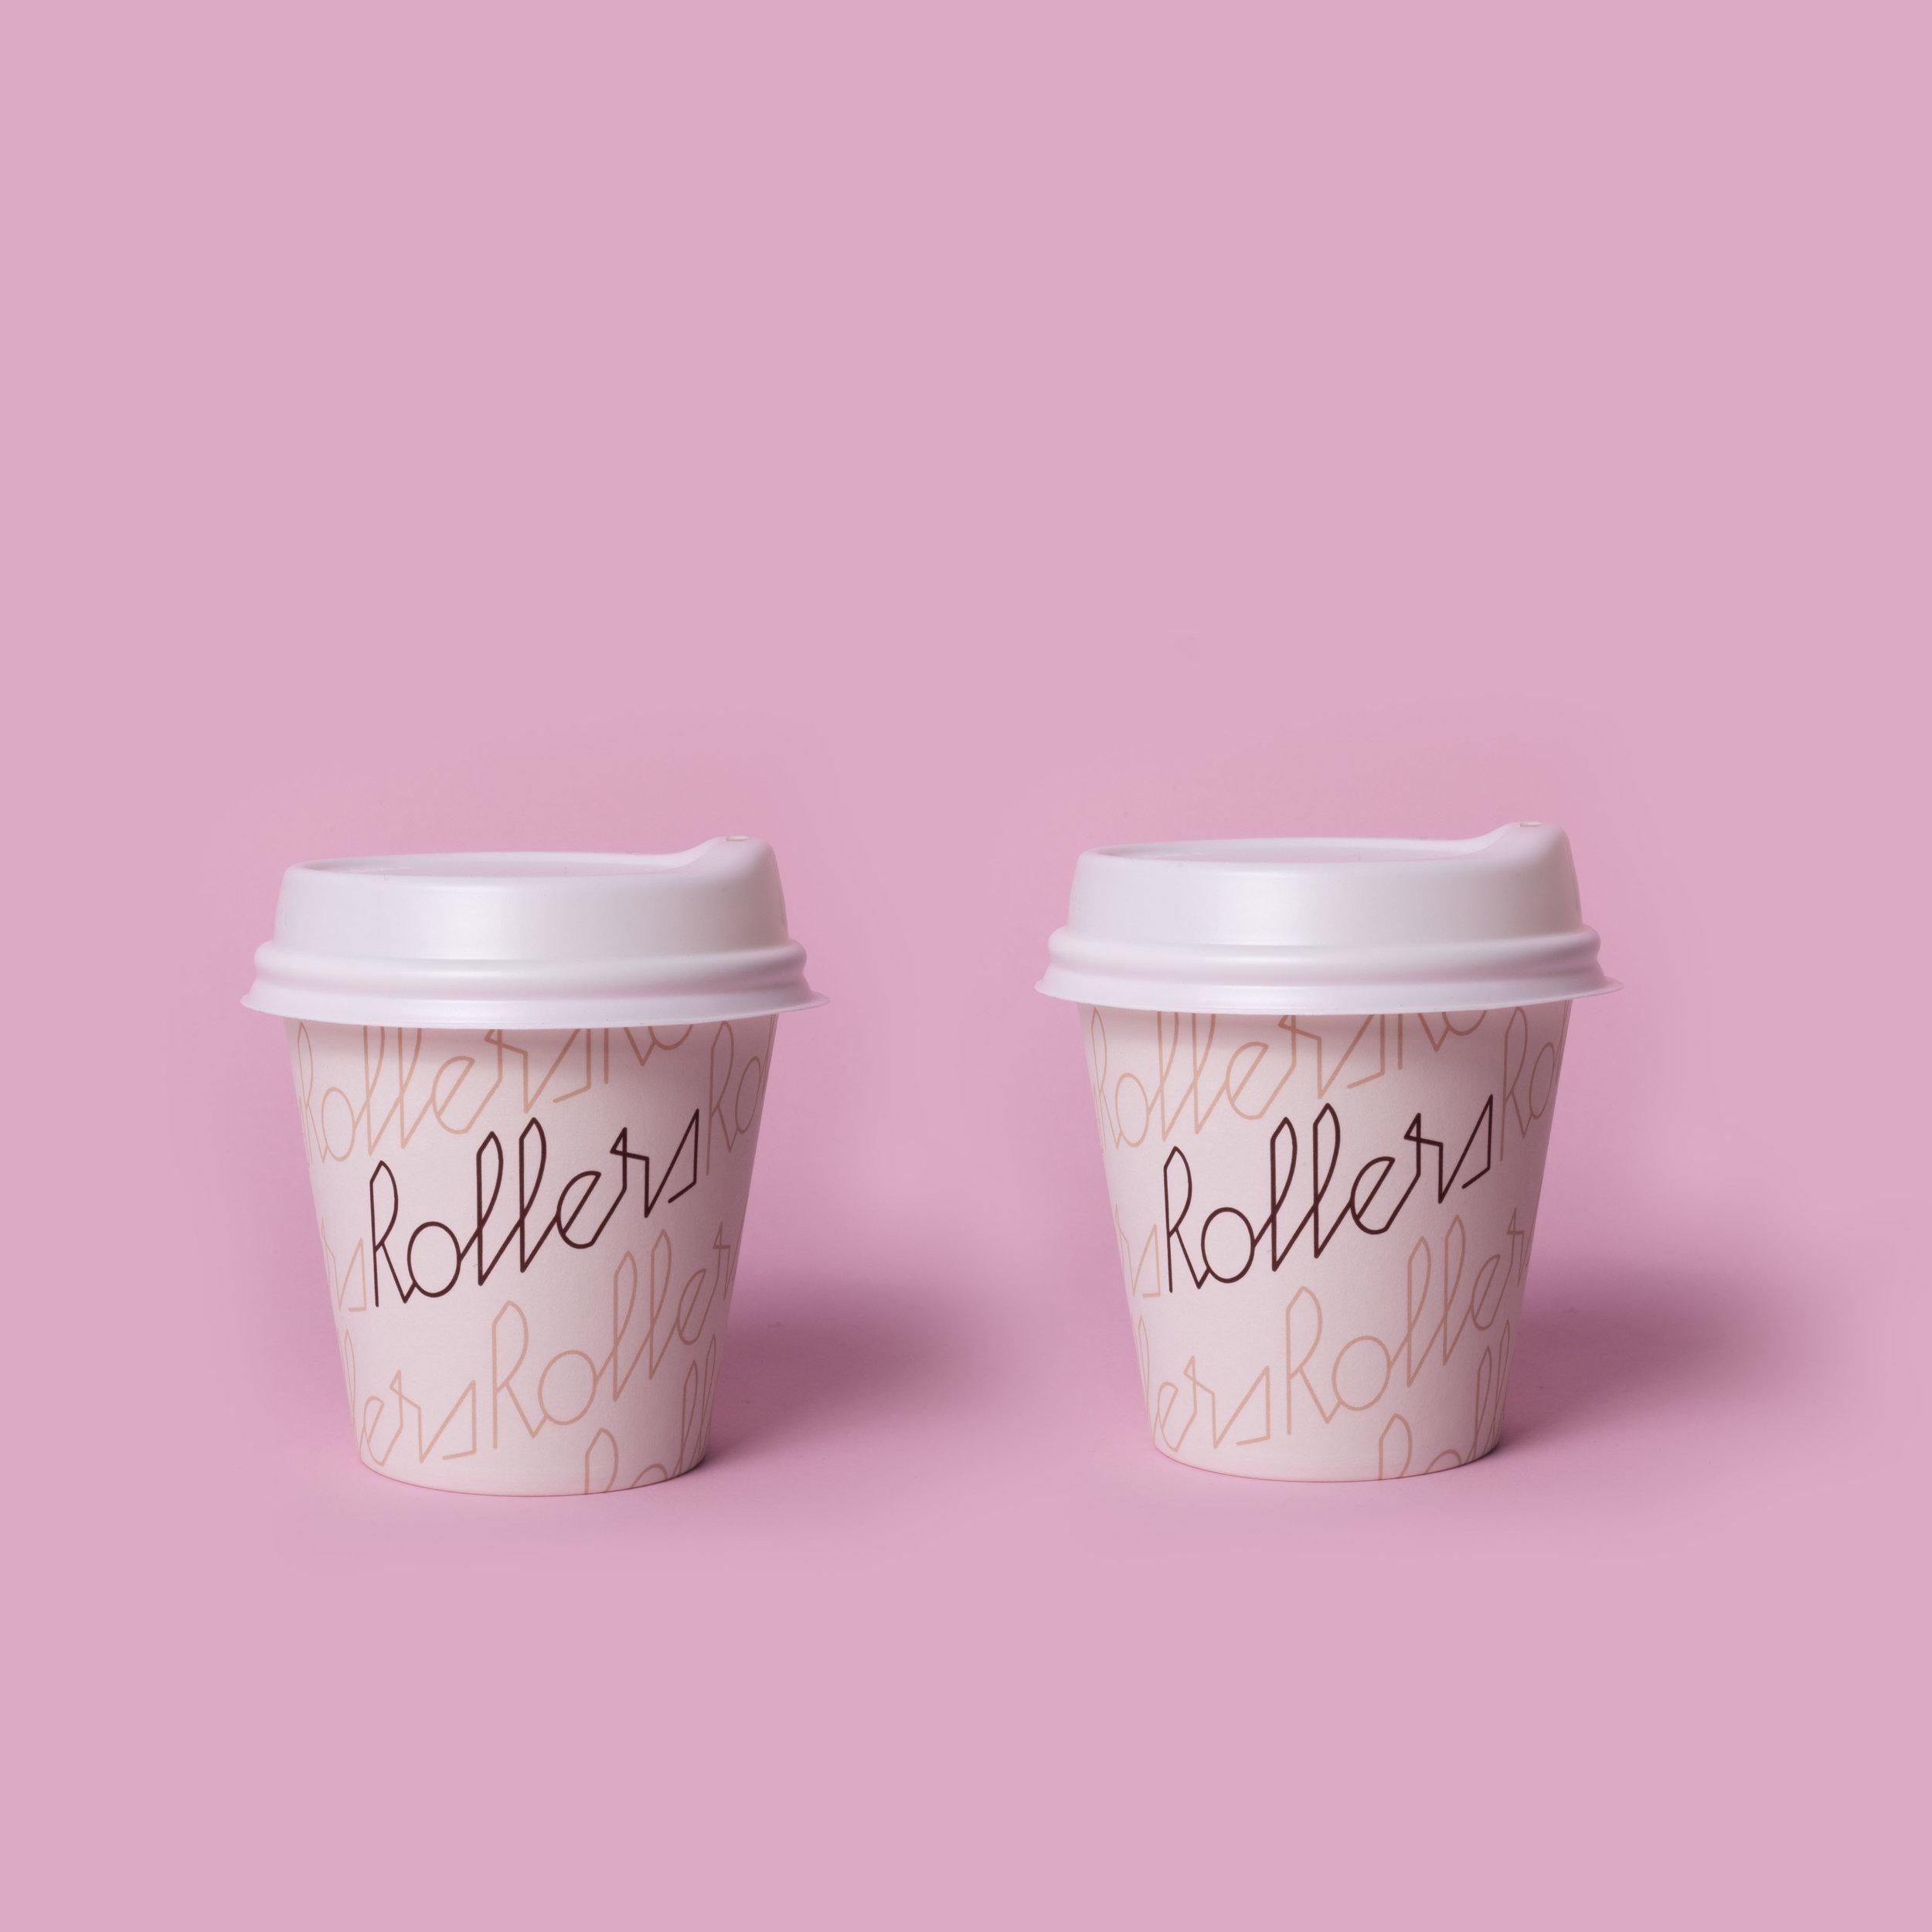 ROLLERS2 Cups.jpg